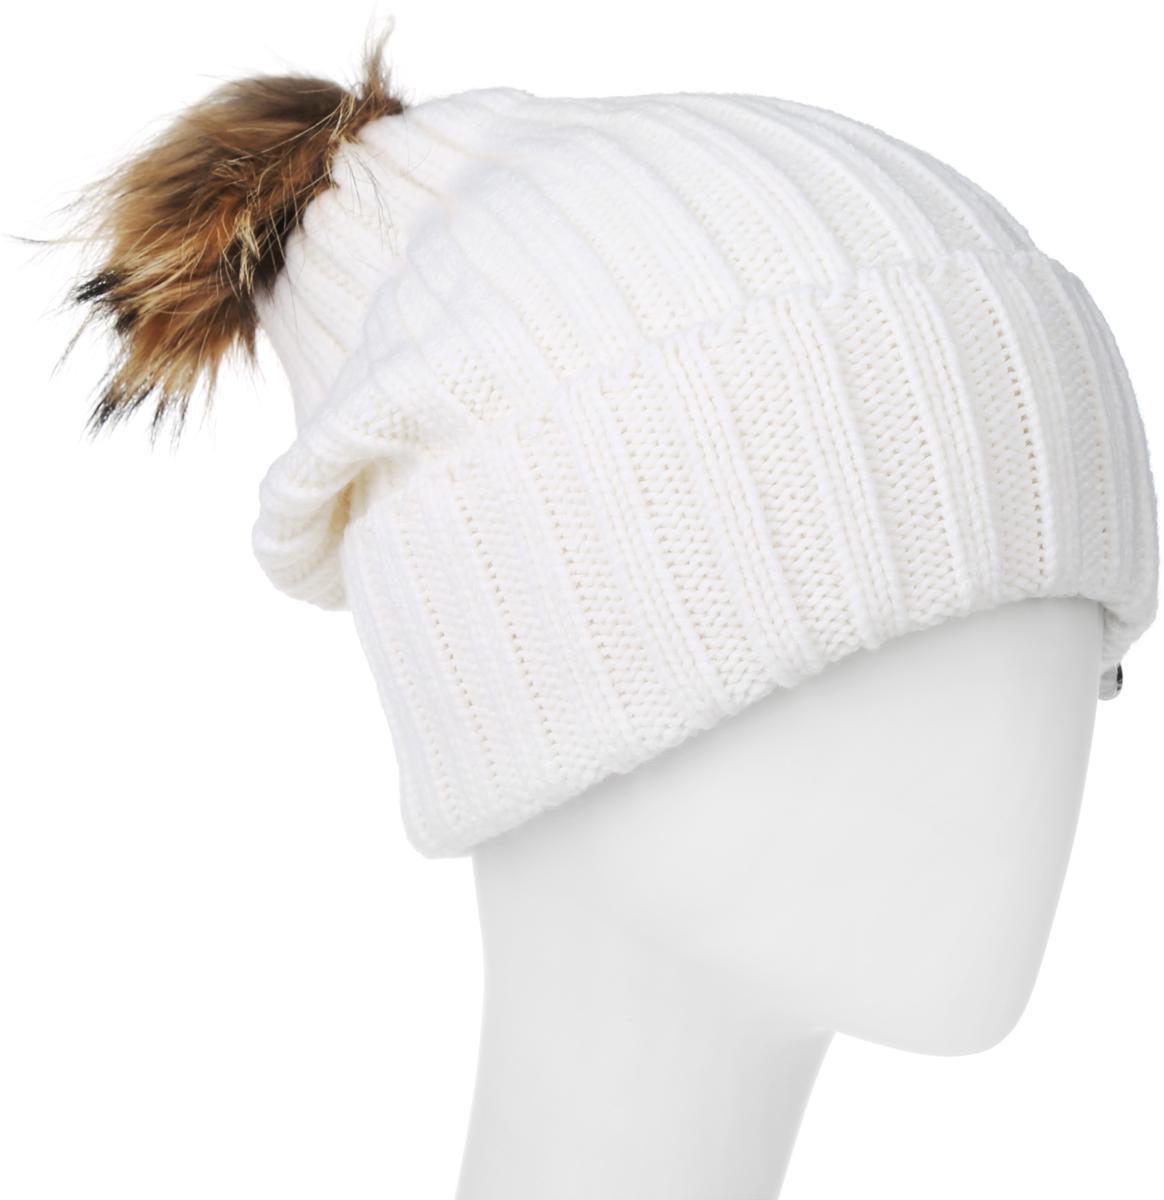 Шапка женская Marhatter, цвет: белый. MLH6190. Размер 56/58MLH6190Теплая женская шапка Marhatter отлично дополнит ваш образ в холодную погоду. Сочетание шерсти и акрила максимально сохраняет тепло и обеспечивает удобную посадку, невероятную легкость и мягкость.Удлиненная шапка с отворотом выполнена в лаконичном однотонном стиле и дополнена на макушке пушистым помпоном из натурального меха енота. Спереди модель дополнена небольшой металлической пластиной с изображением снежинки. Незаменимая вещь на прохладную погоду. Модель составит идеальный комплект с модной верхней одеждой, в ней вам будет уютно и тепло.Уважаемые клиенты!Размер, доступный для заказа, является обхватом головы.